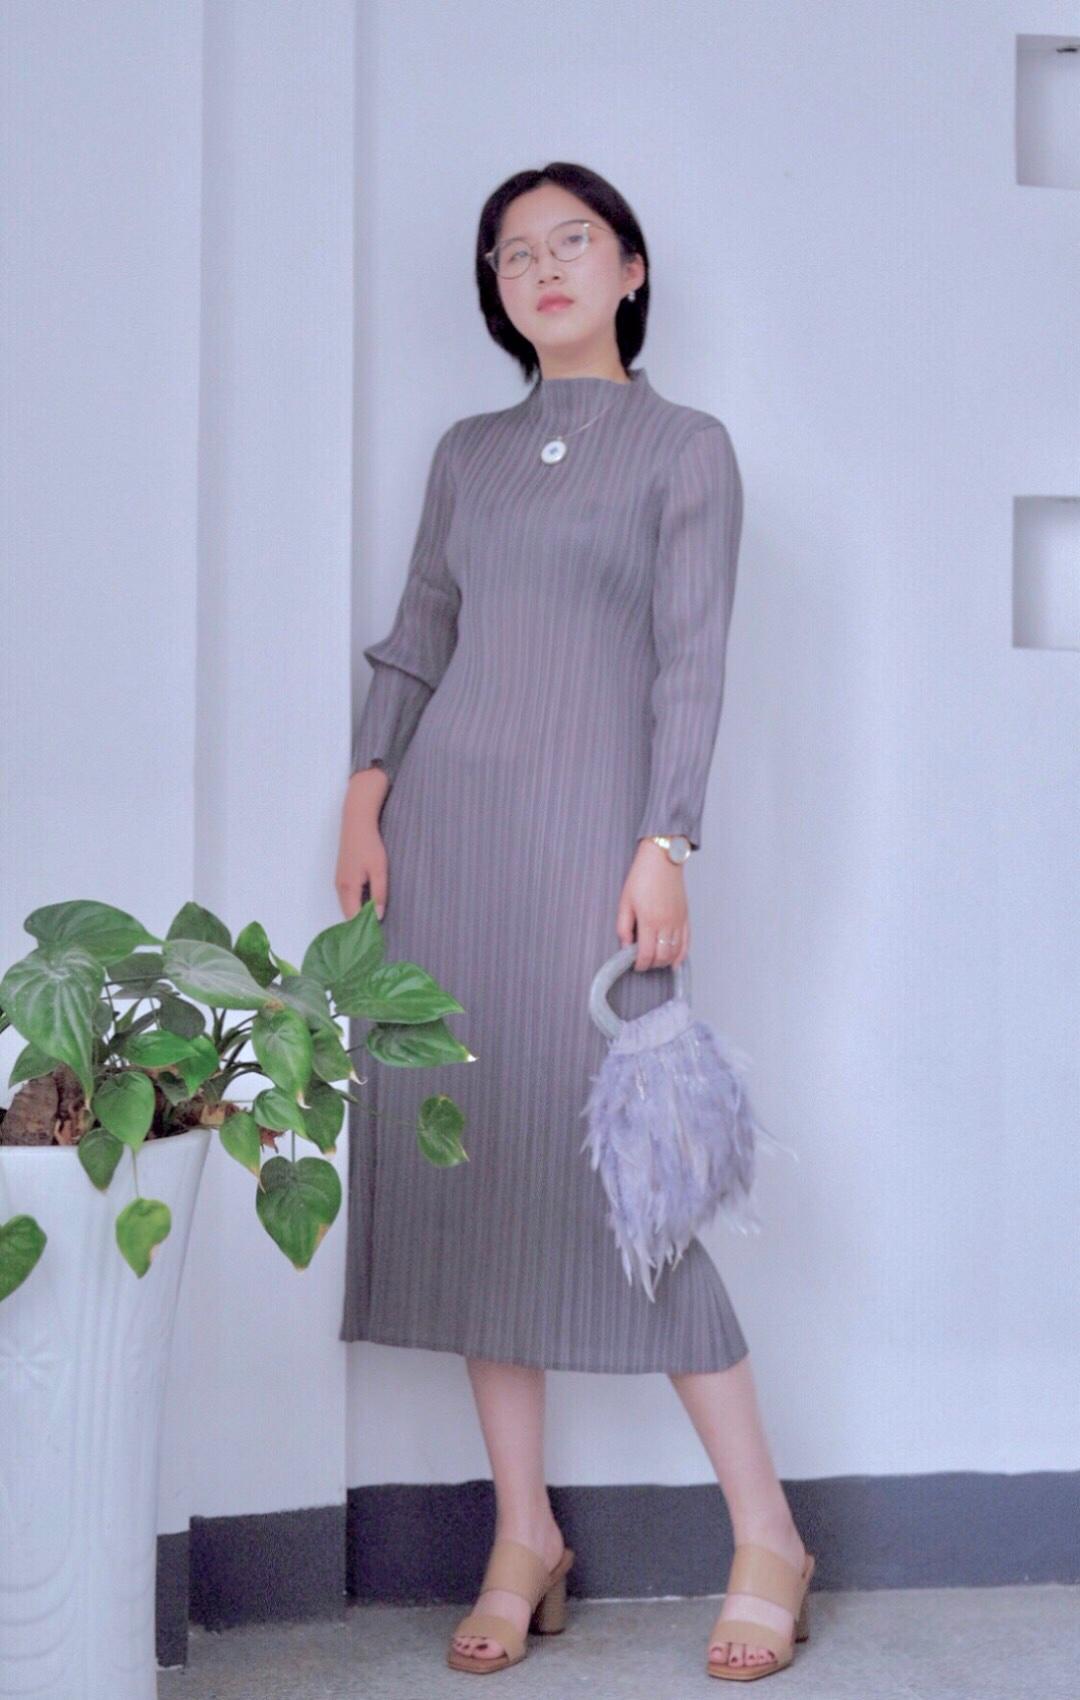 #50°甜裸色少女,直男杀!#  今天是太太的look 最近很流行的三宅褶皱连衣裙 很少有灰色的衣服 于是这次尝试了一下灰色 面料很服帖显身材 羽毛包包晚宴包配青花瓷项链 有一点中式的优雅 也可以出席日常的活动